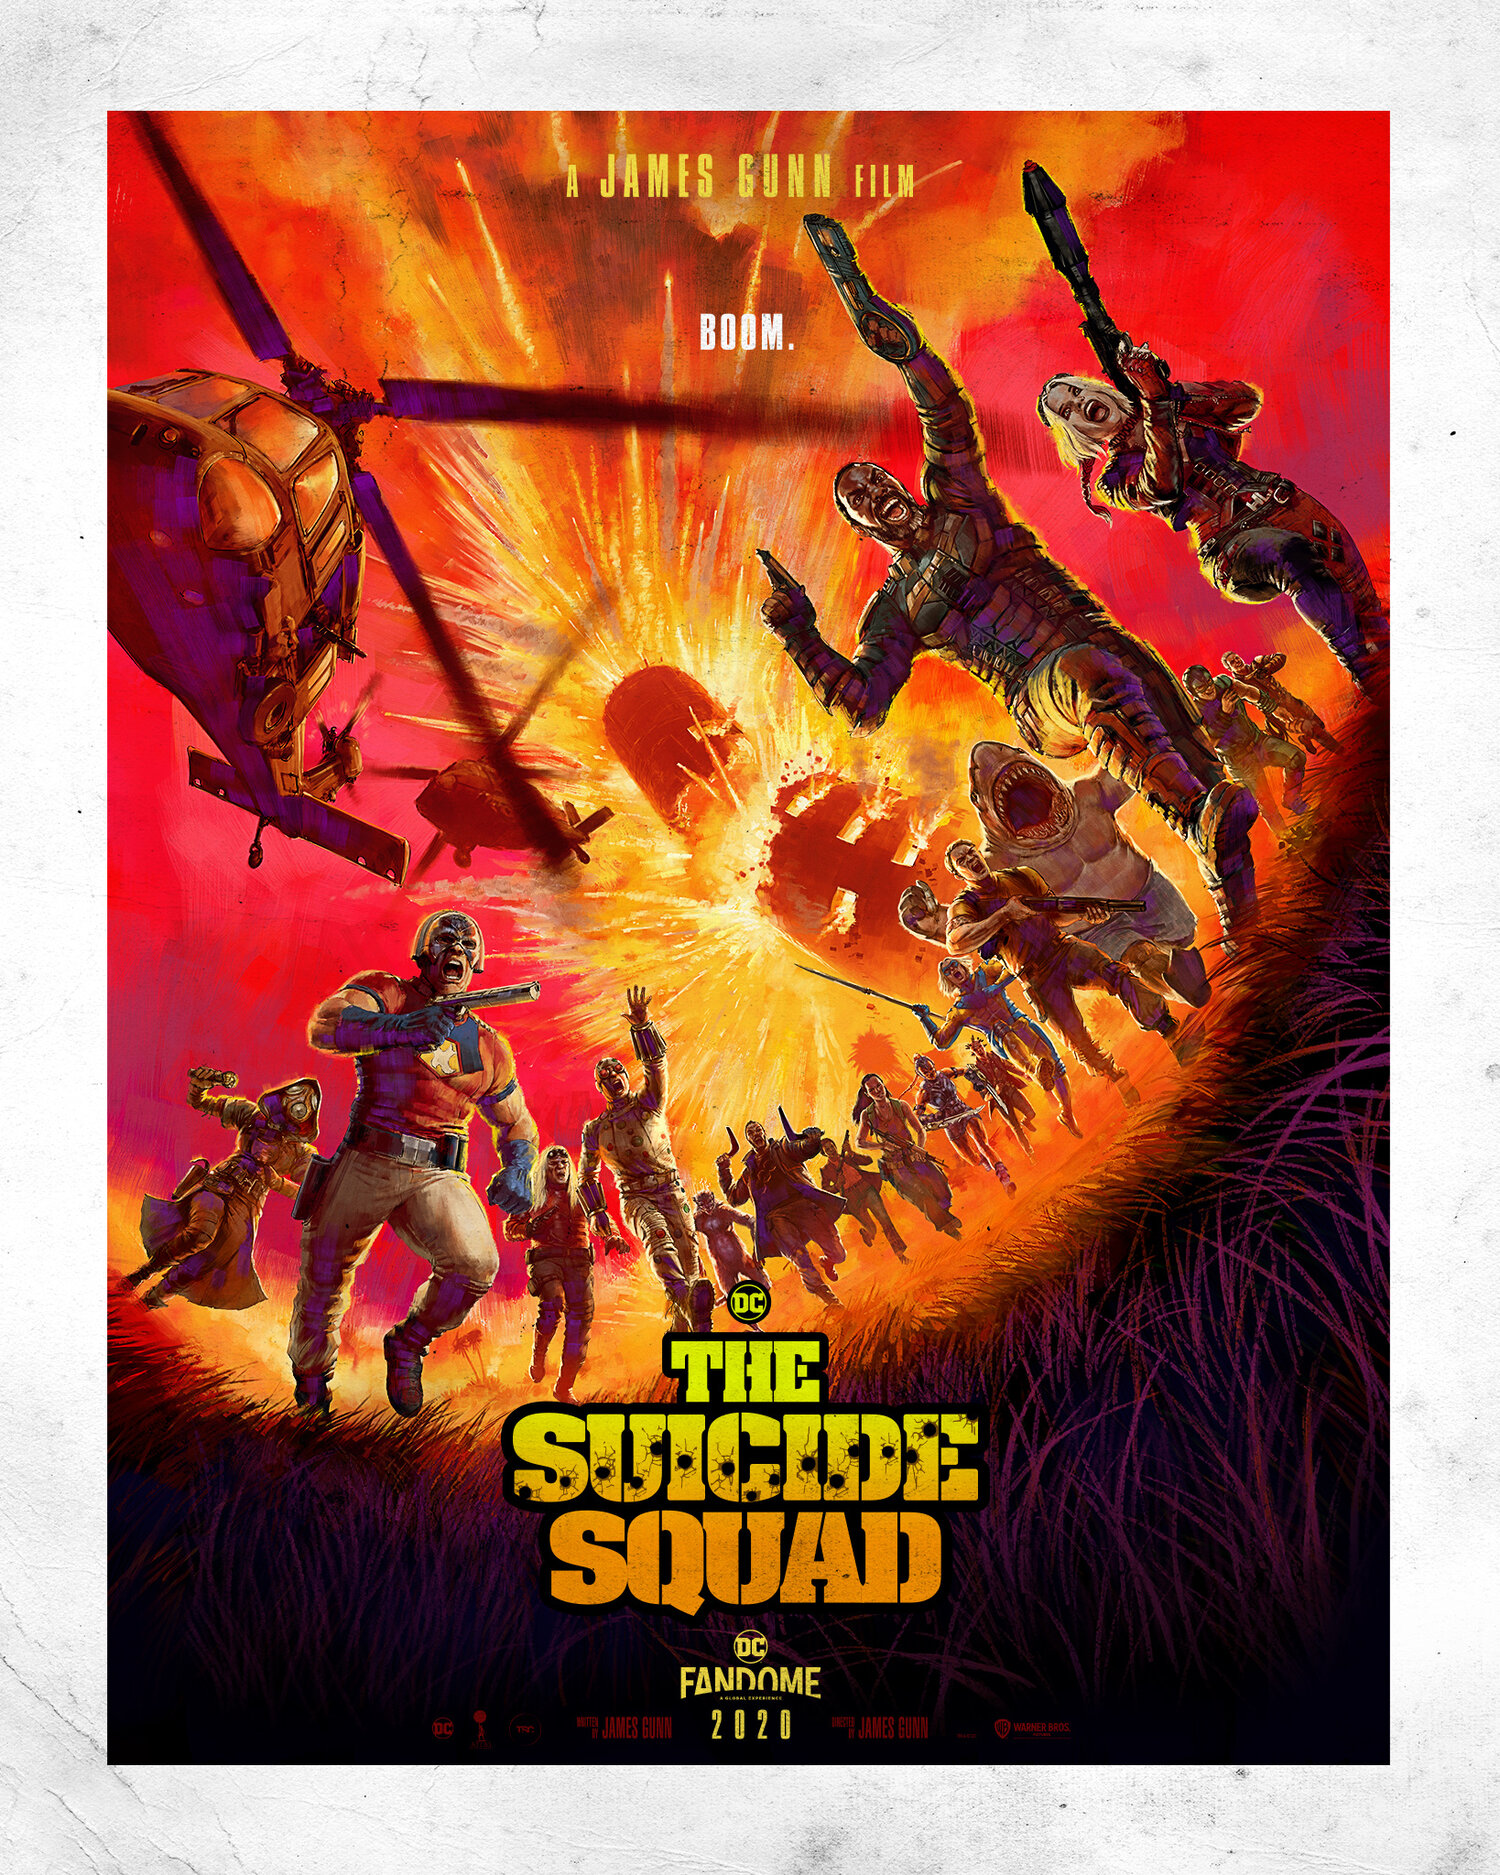 The Suicide Squad cast trailer